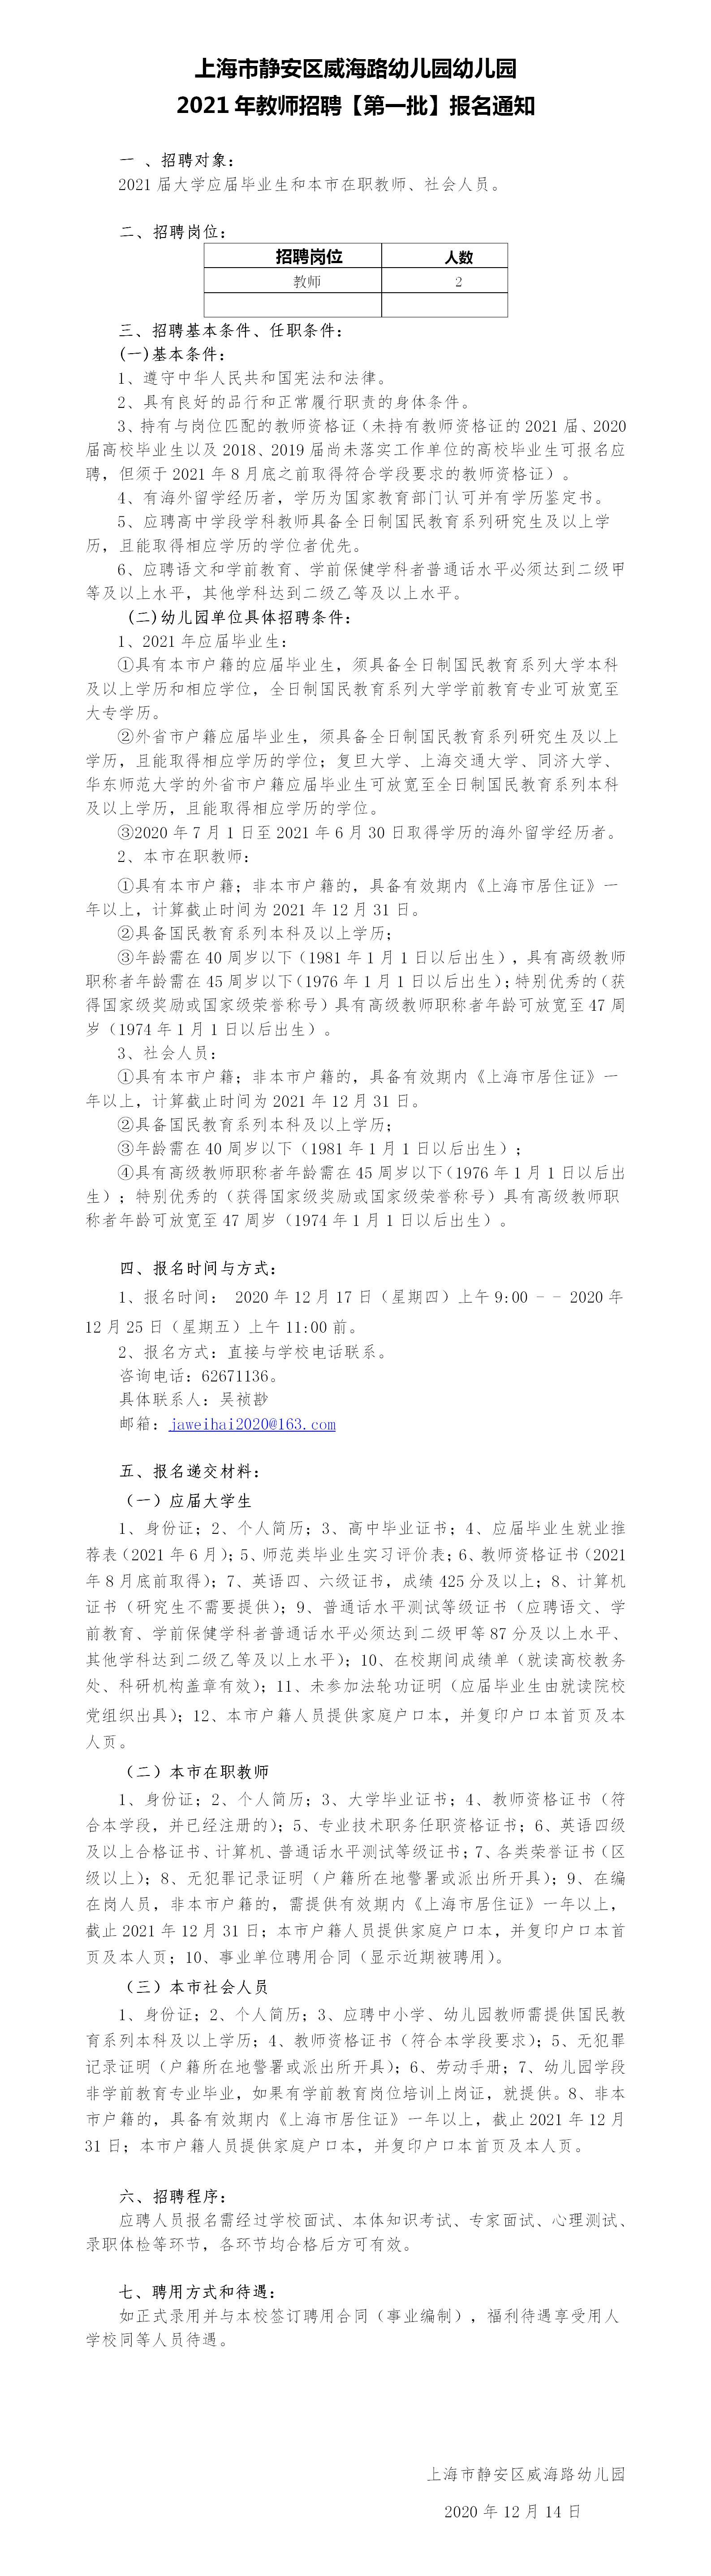 2021年上海市静安区威海路幼儿园幼儿园教师招聘公告